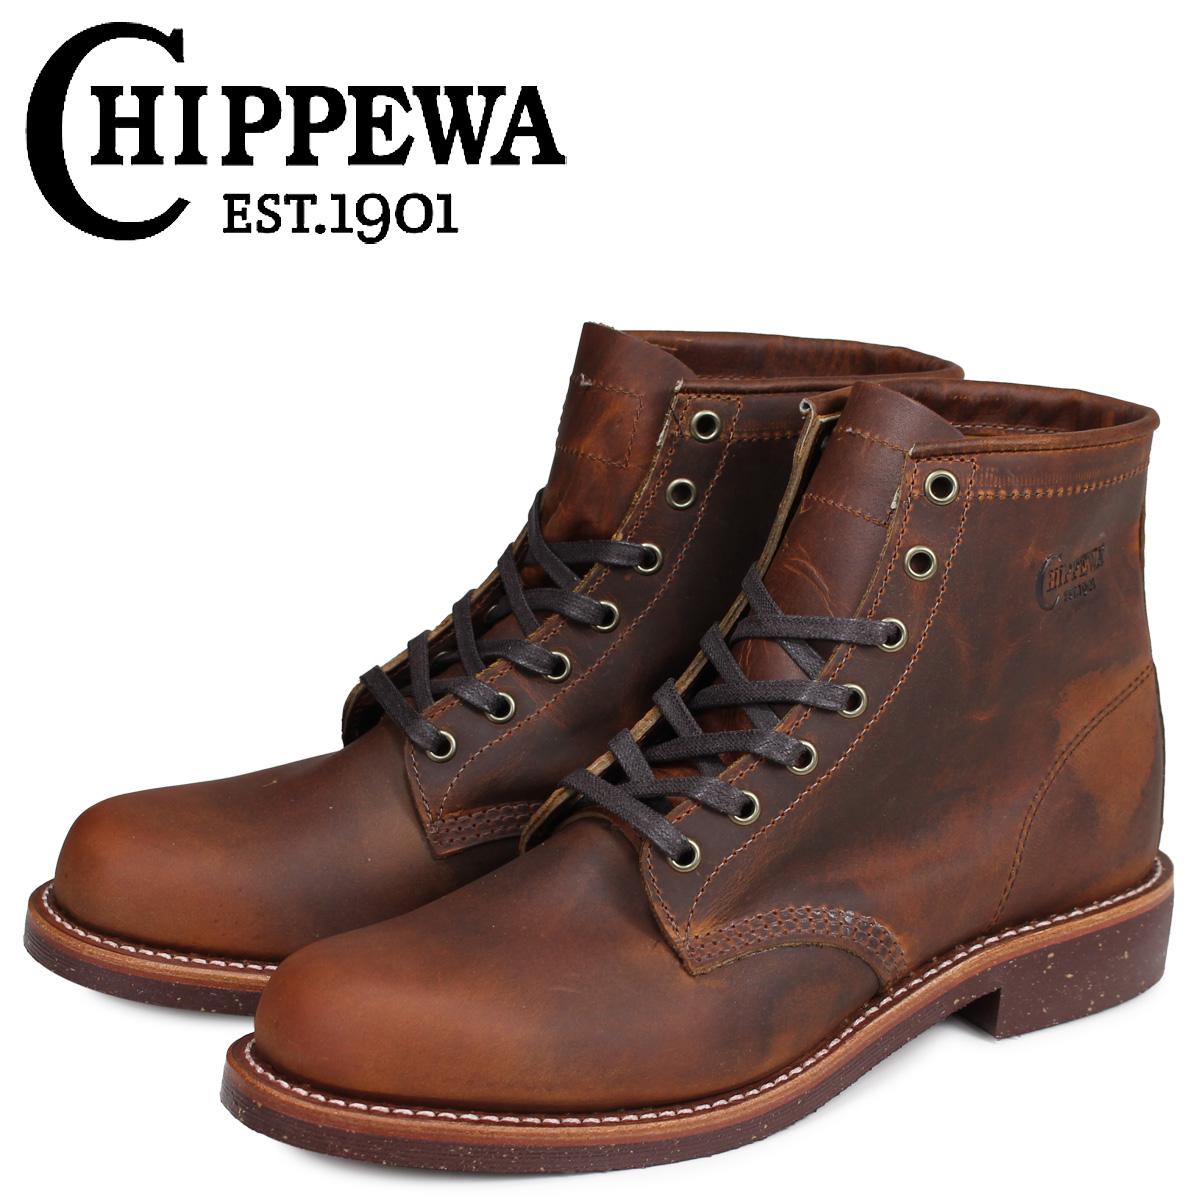 チペワ CHIPPEWA ブーツ 6インチ サービス 6INCH SERVICE BOOT 1901M26 Dワイズ タン メンズ [3/30 追加入荷]